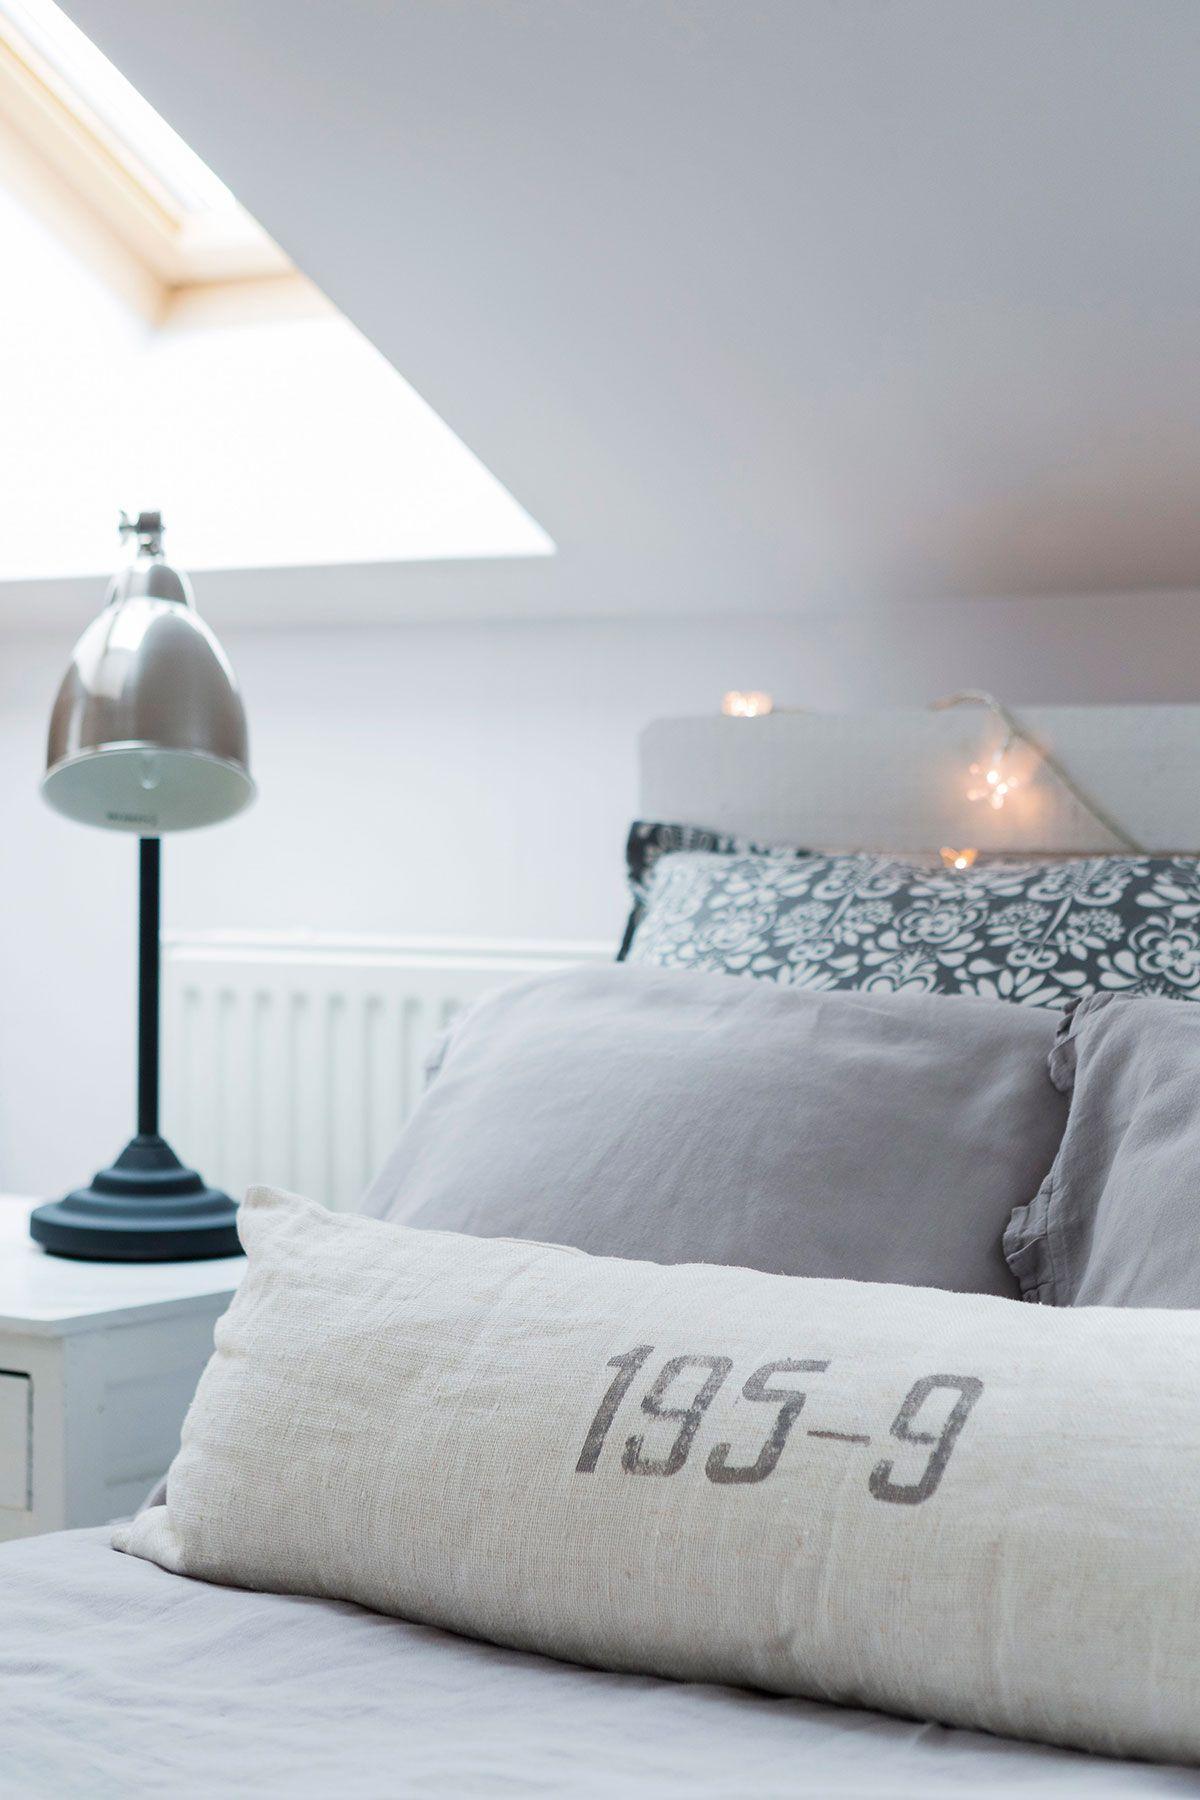 Matildan huoneessa, kuten koko kodissa, on kiinnitetty huomioita pieniinkin yksityiskohtiin.